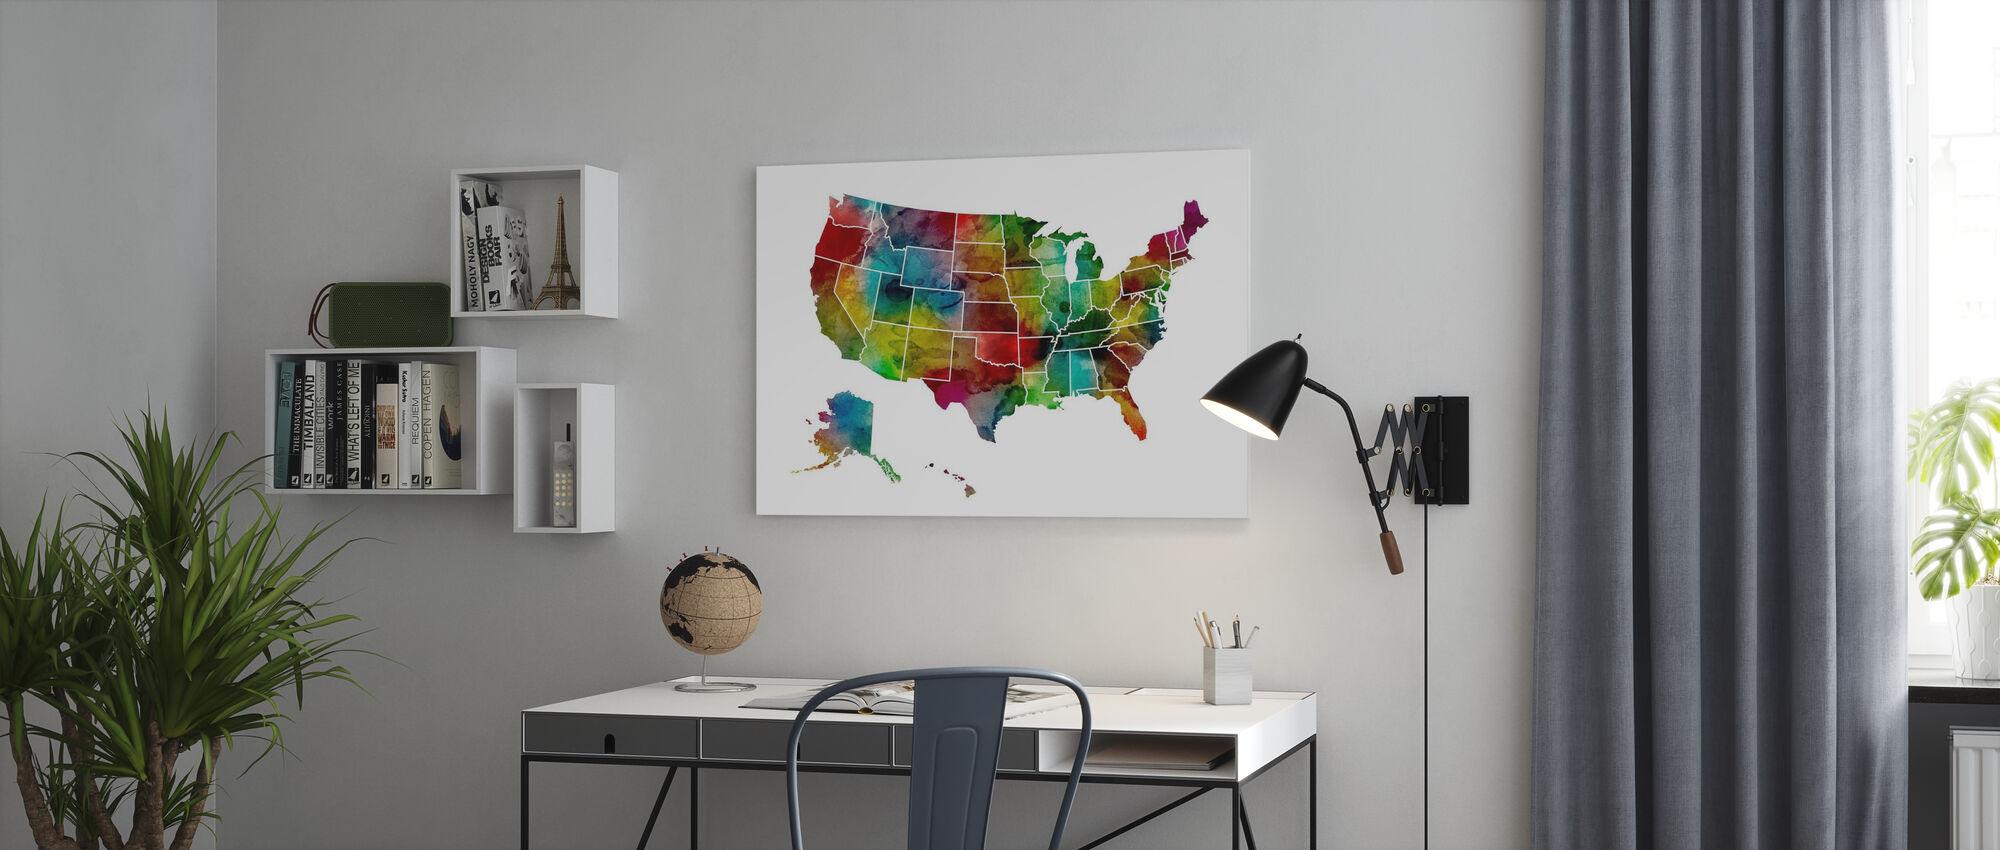 USA Akvarell Karta - Canvastavla - Kontor